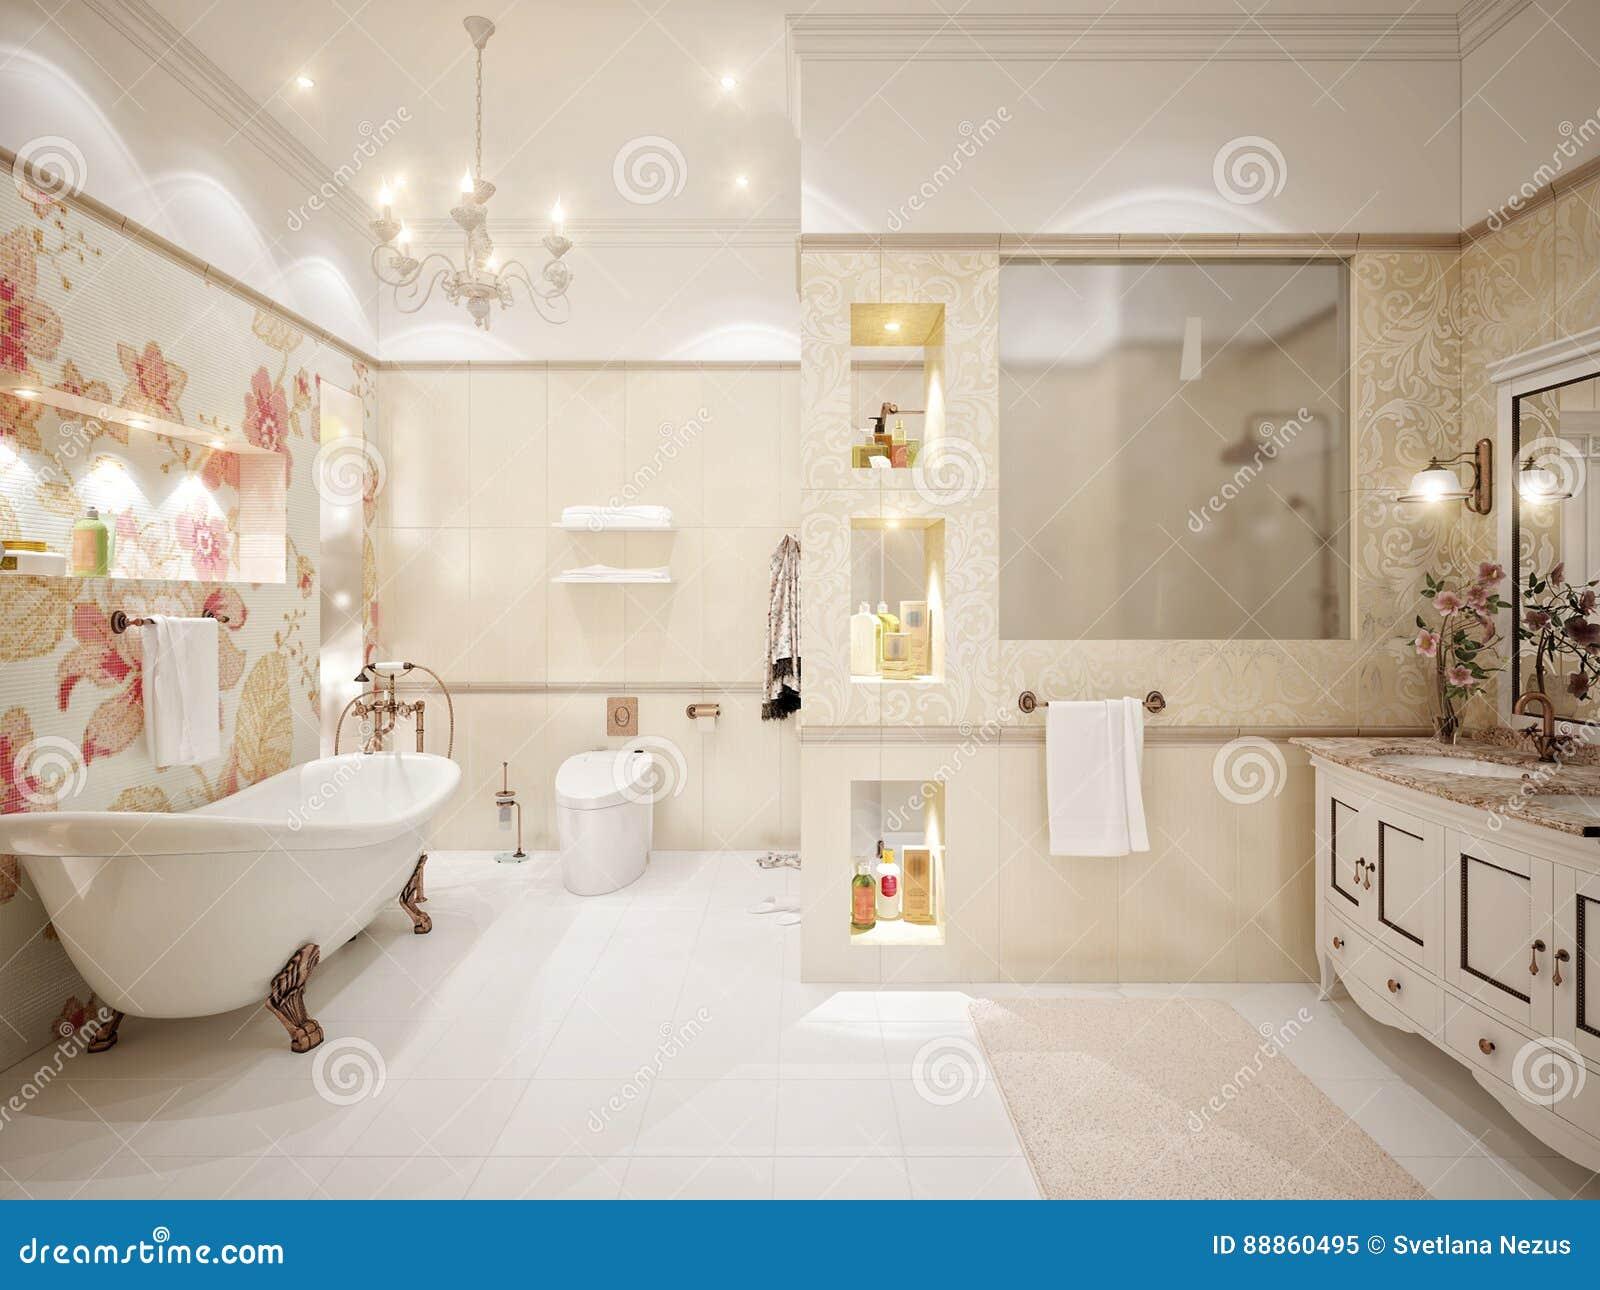 Bagni Classici Con Mosaico.Interior Design Classico Del Bagno Con Oro E Mattonelle Beige E M